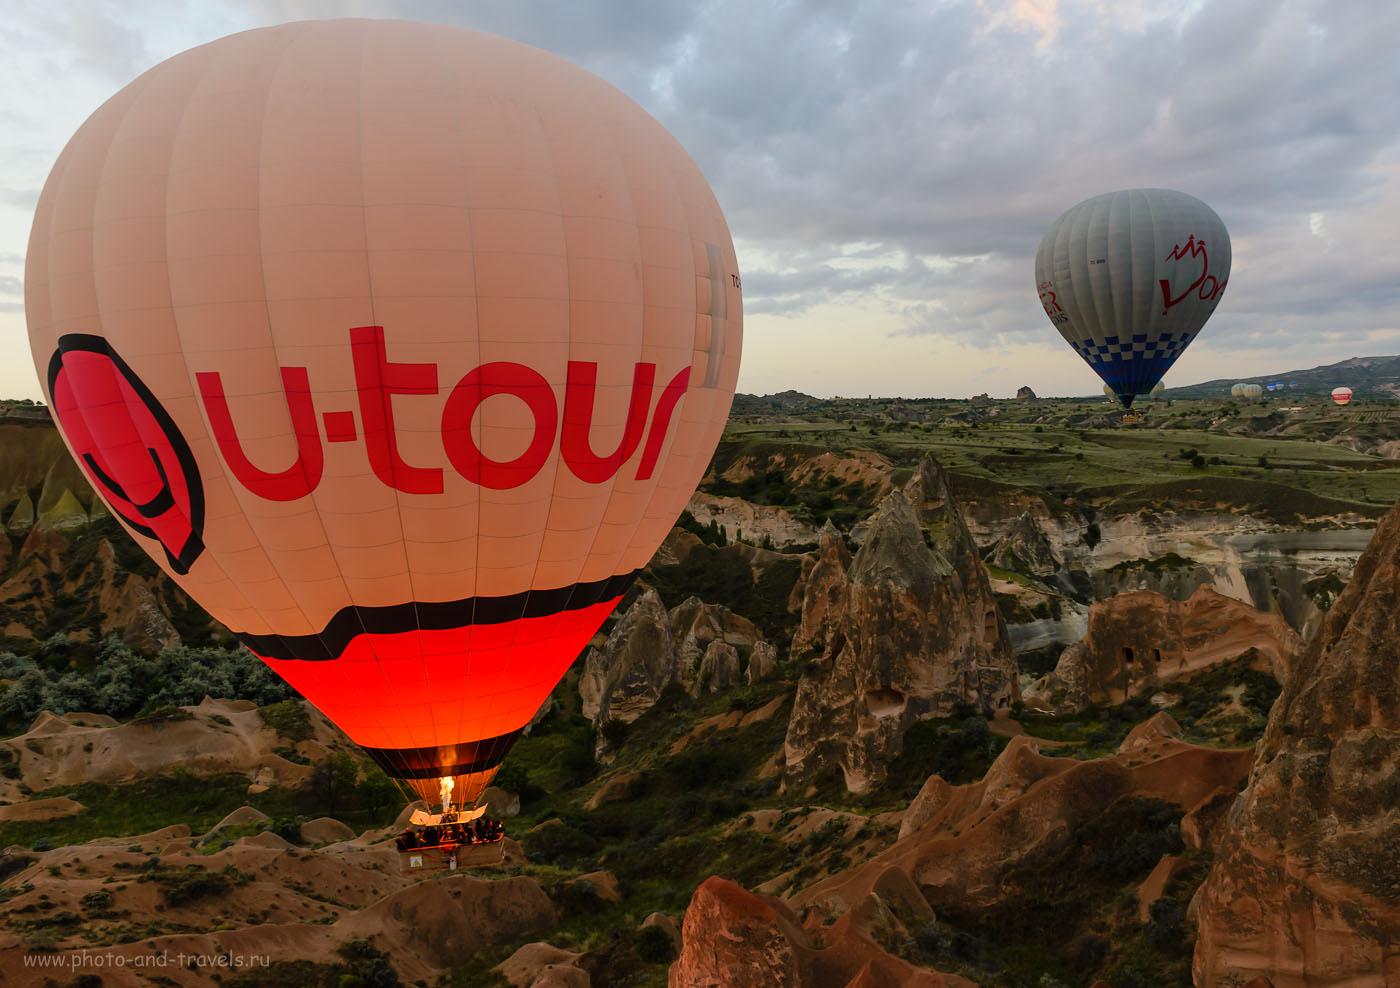 Фотография 8. Особенно красивы фотографии летящего воздушного шара, если их снять в момент, когда из горелки вырывается пламя и освещает монгольфьер изнутри. Отзывы туристов об экскурсиях в Каппадокии. Поездка по Турции на машине. 1/60, -1.67, 8.0, 800, 24.